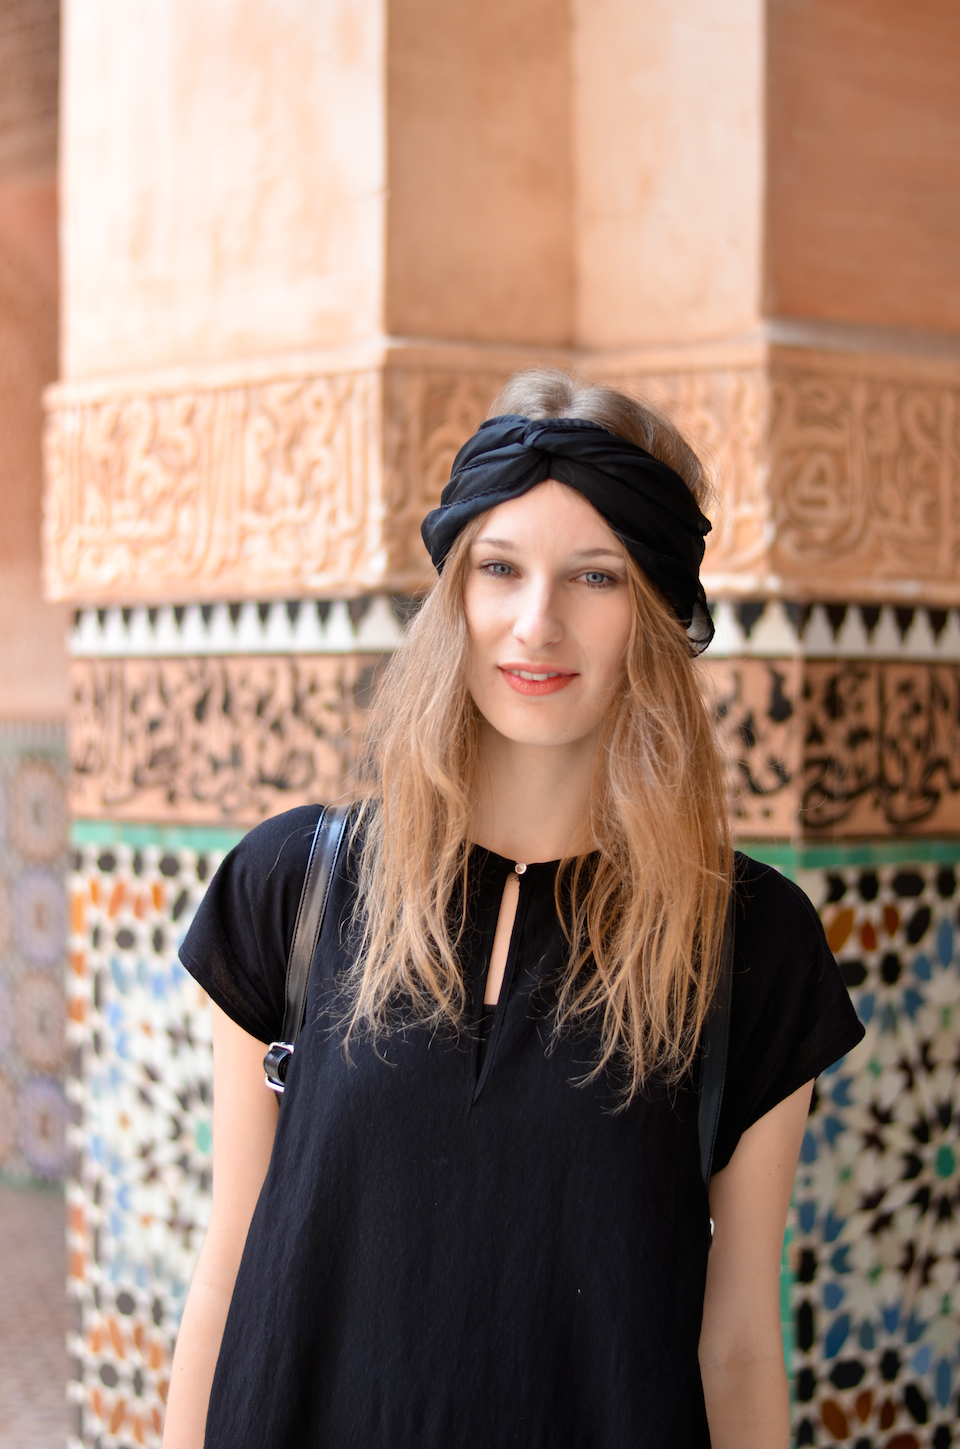 wie man eine marokkanische Frau findet